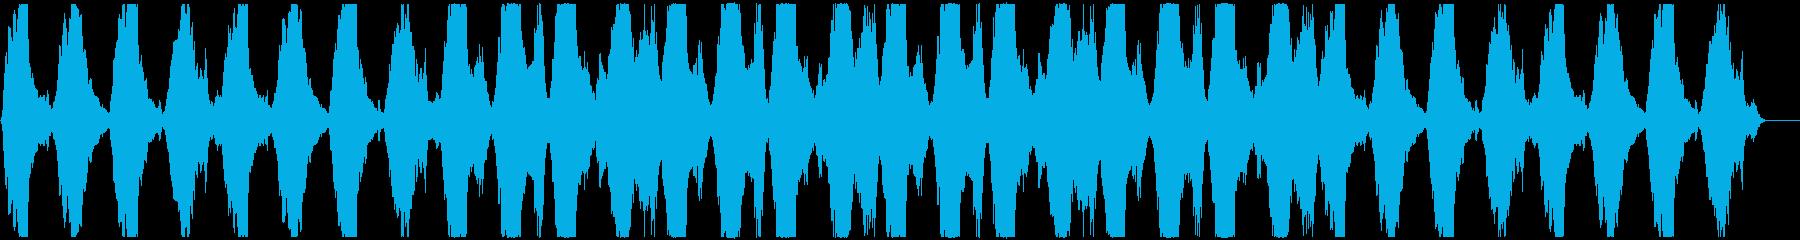 切なく寂しいストリングスBGMの再生済みの波形